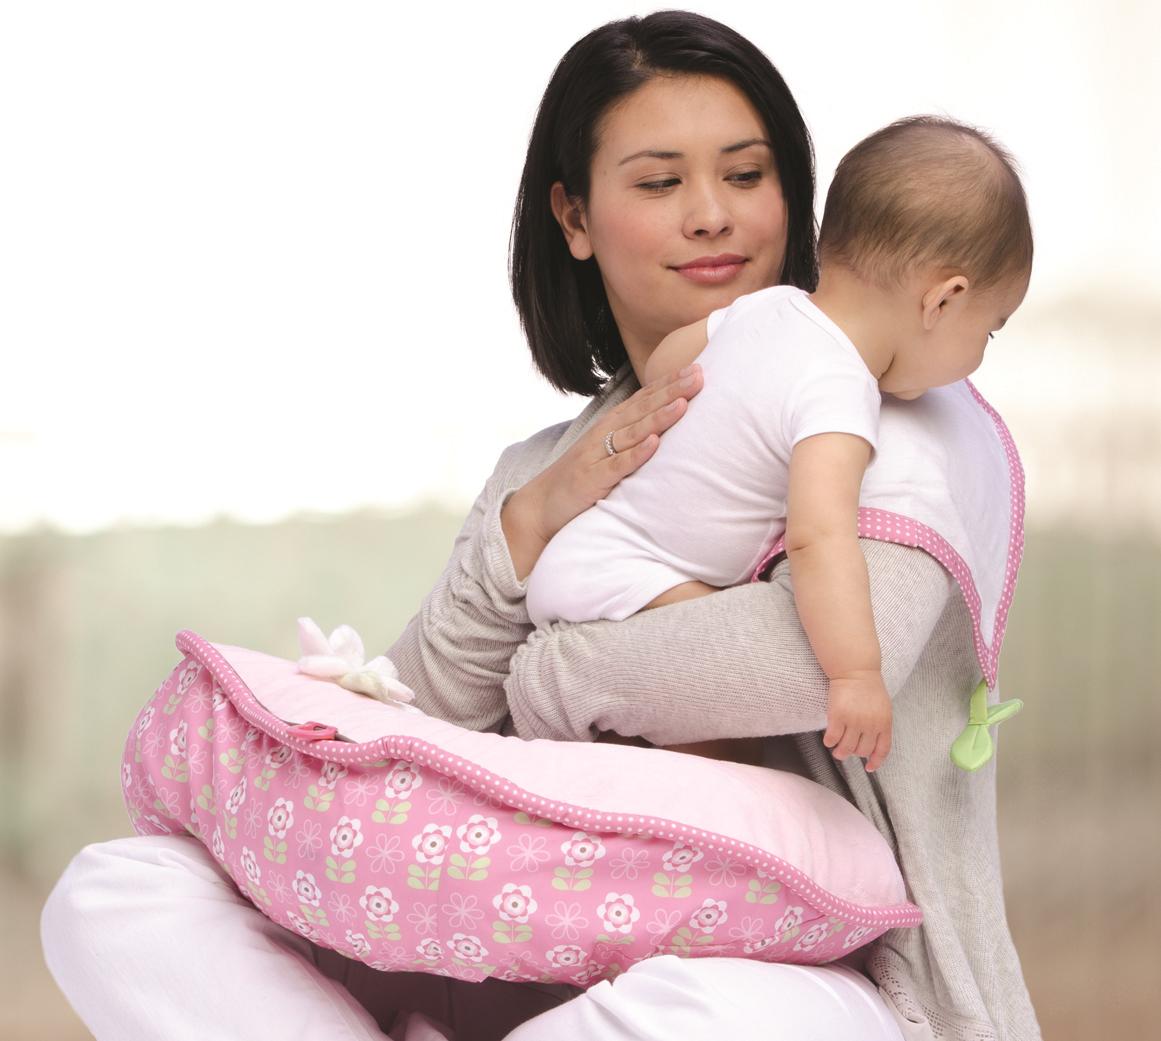 بالصور صور اطفال مع امهم 9cea994caad9710bd0c4662b9a7de450